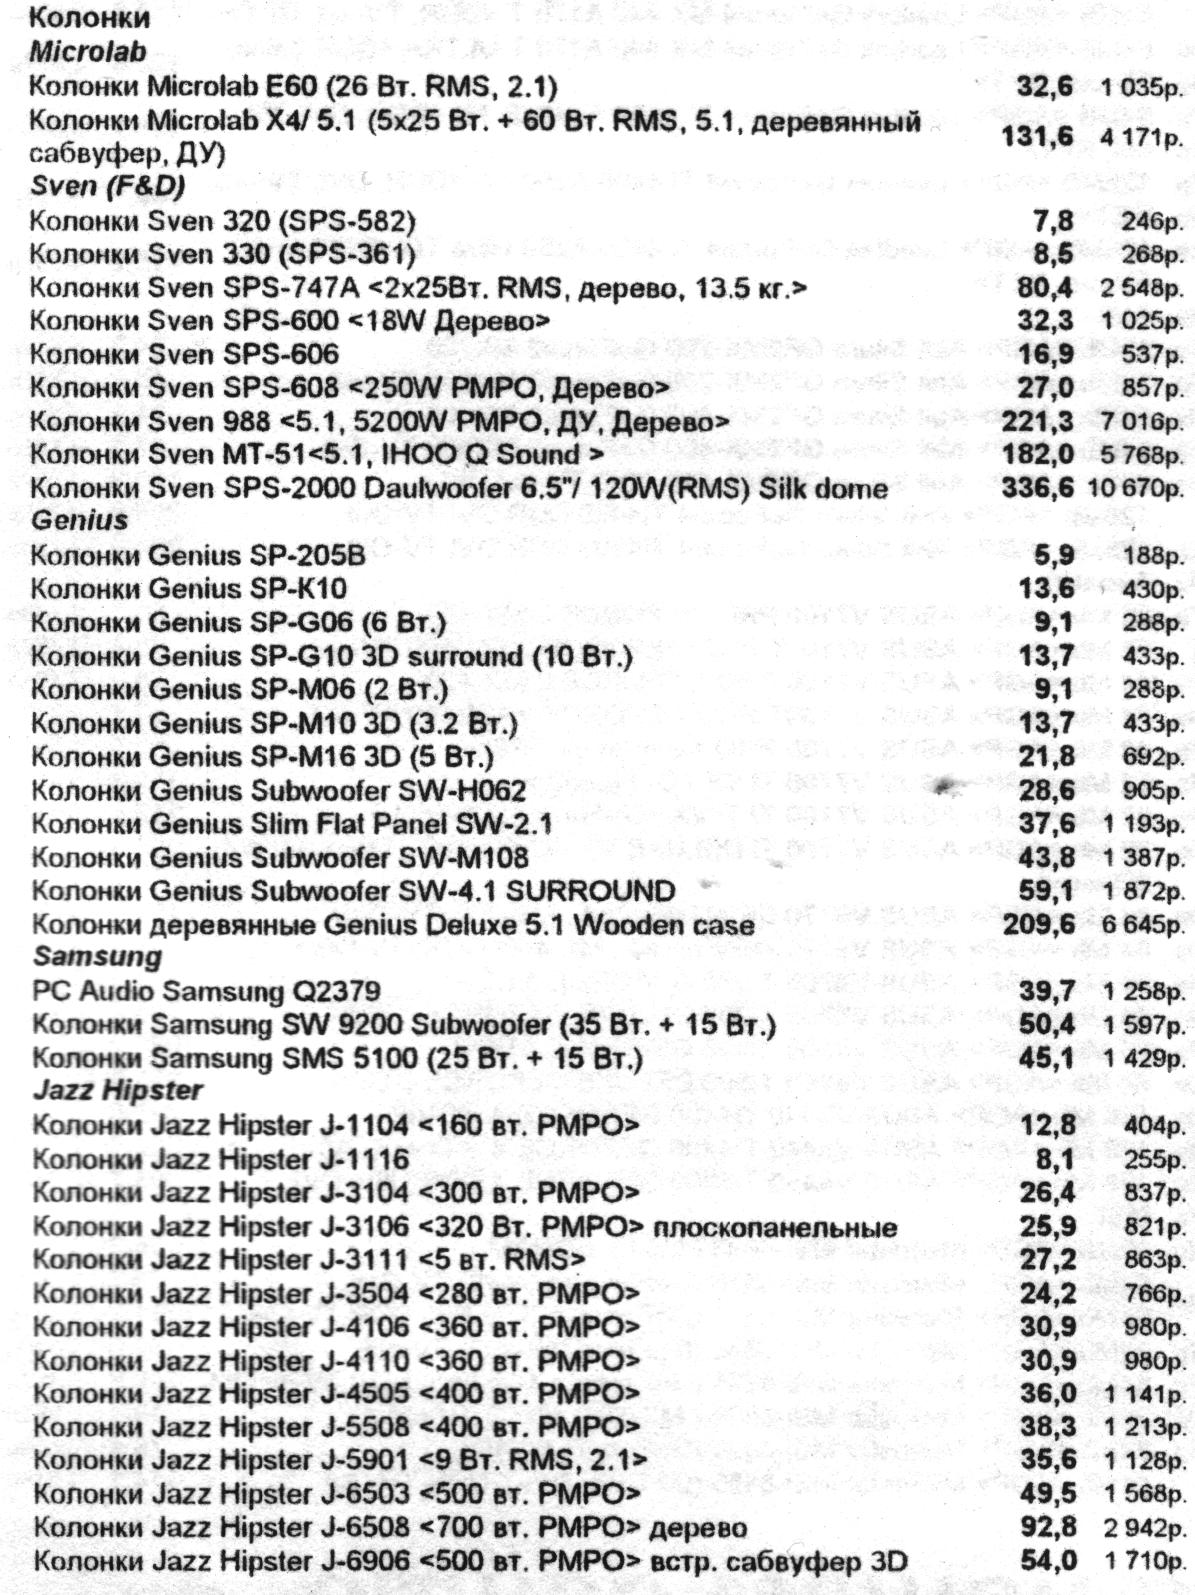 Минутка ностальгии: цены на компьютеры и комплектующие от 2002 года - 31